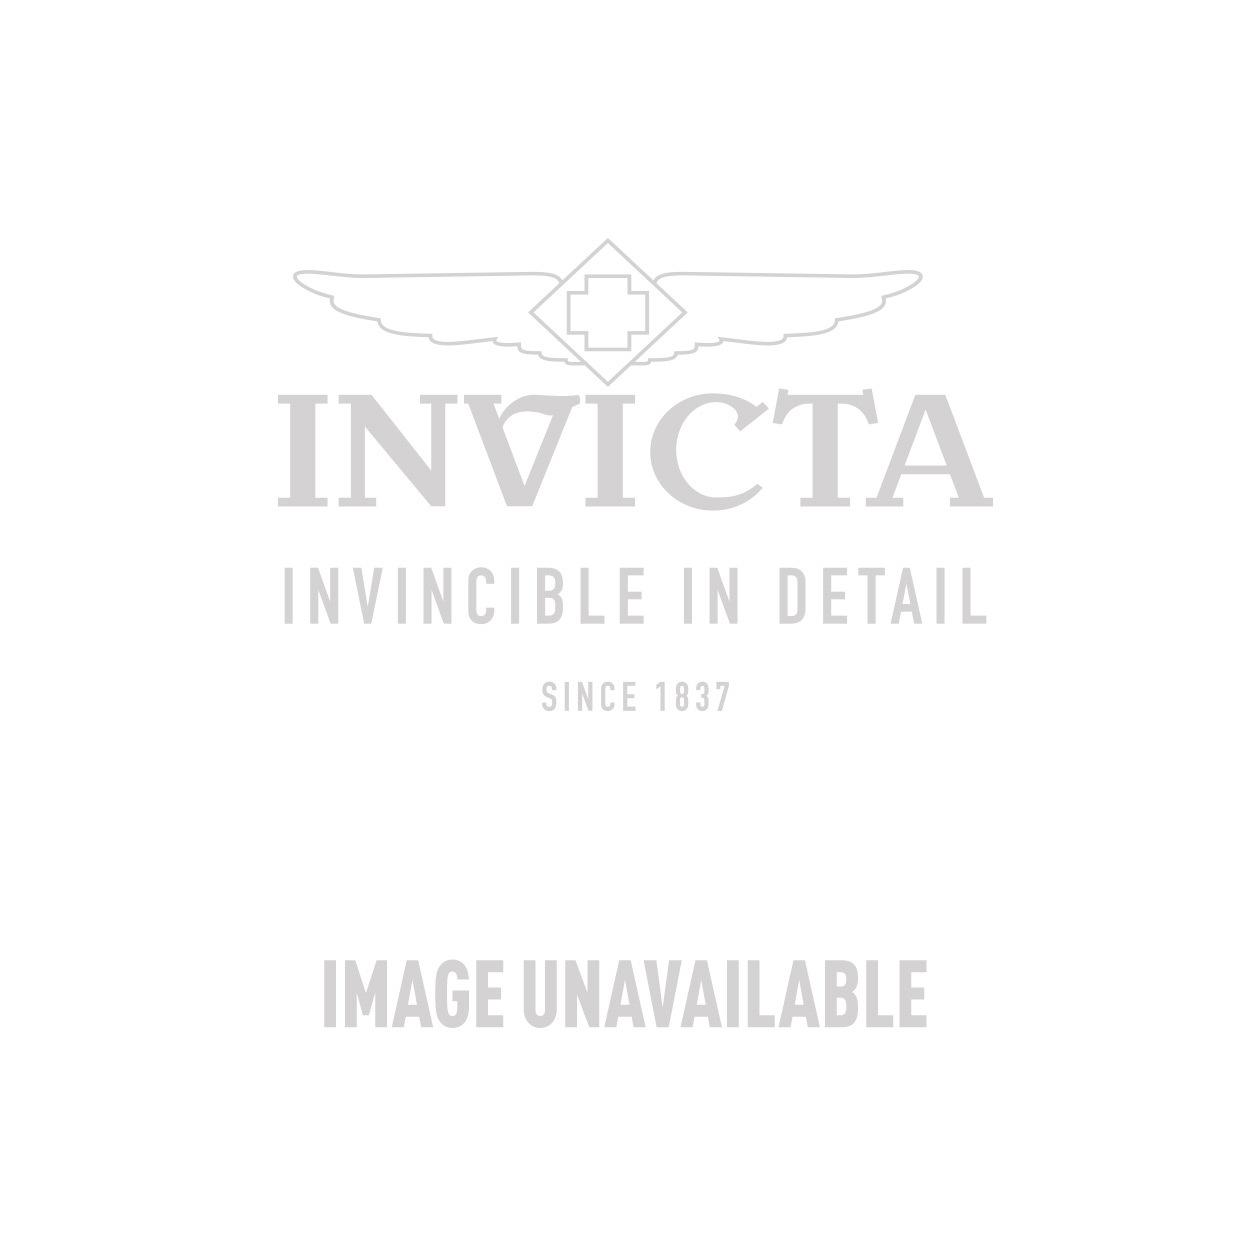 Invicta Model 27371